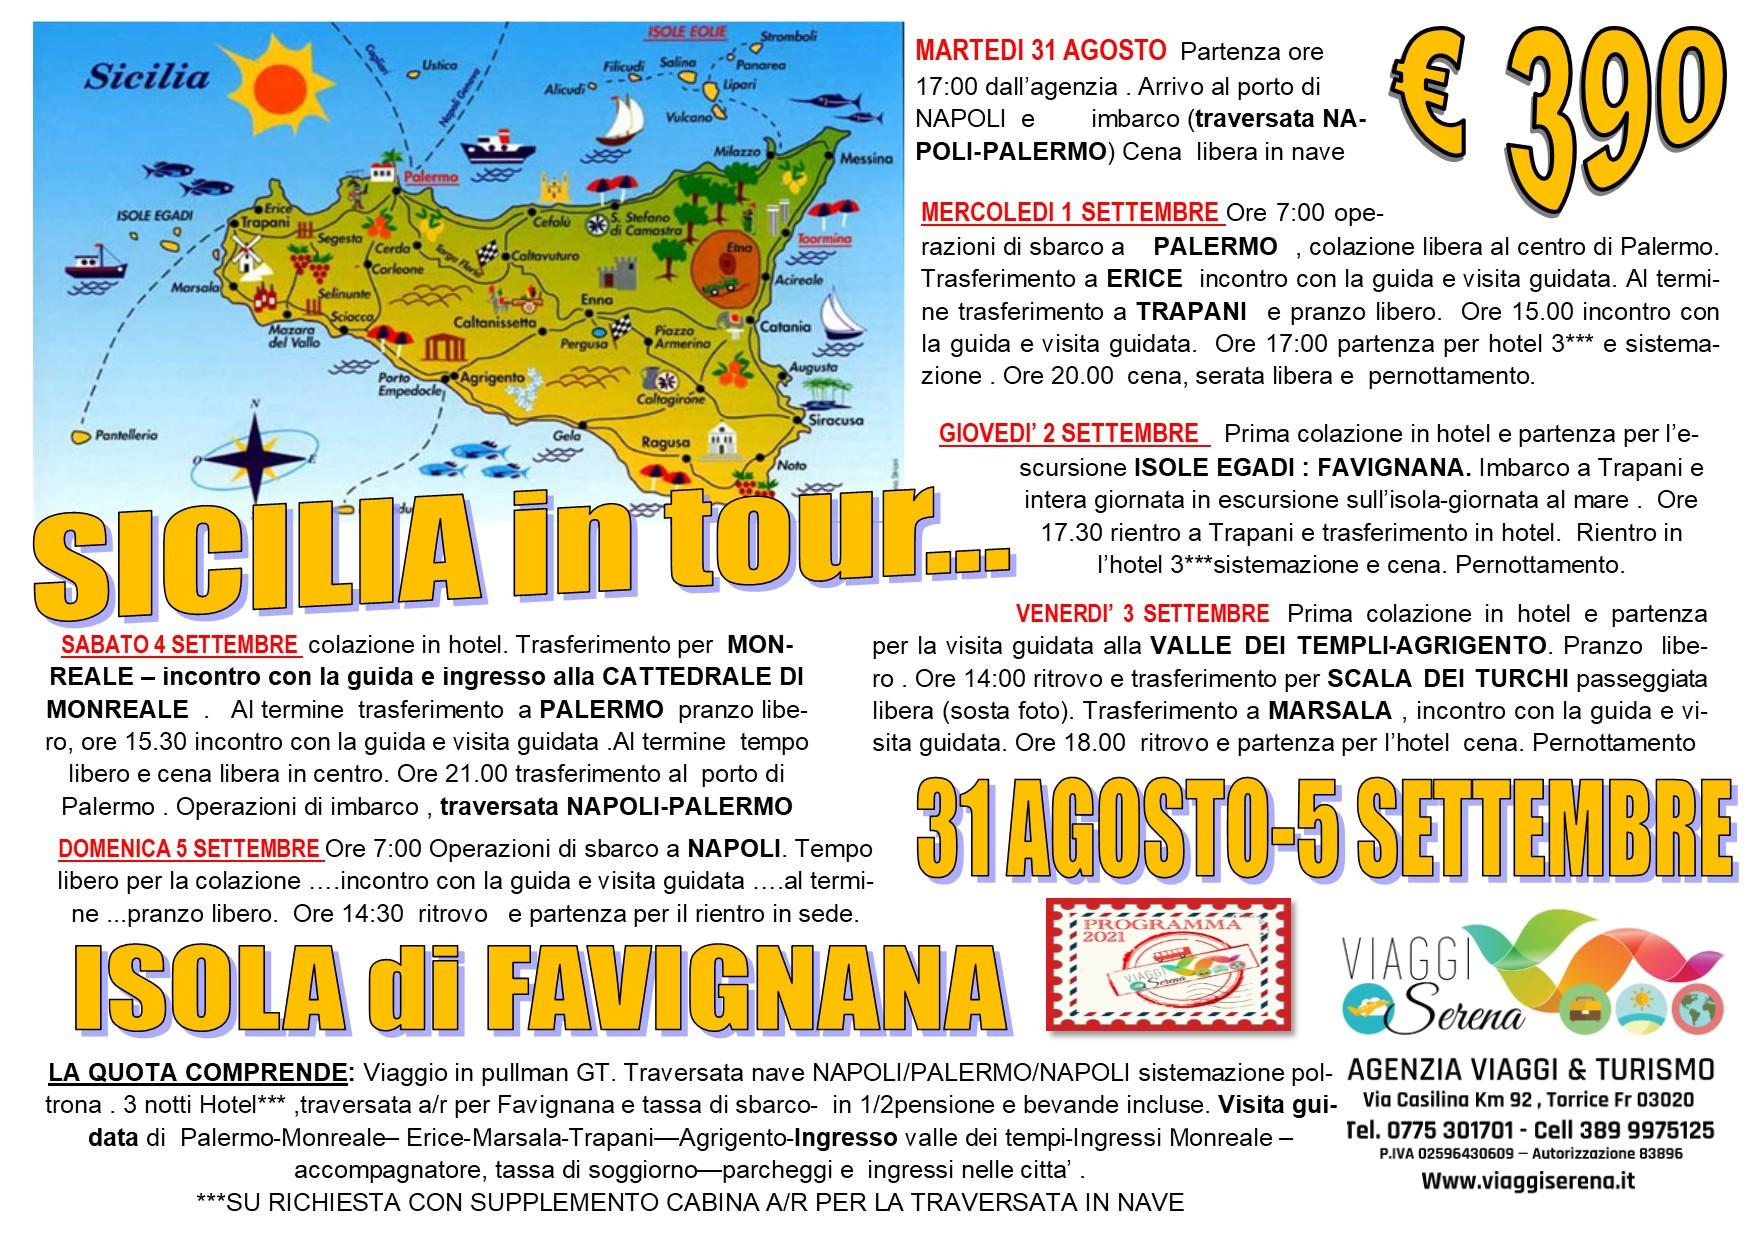 """Viaggi di Gruppo:  Tour SICILIA """"Palermo, Monreale, Favignana, Agrigento, Erice, Trapani & Marsala"""" 31 Agosto-5 Settembre € 390,00"""